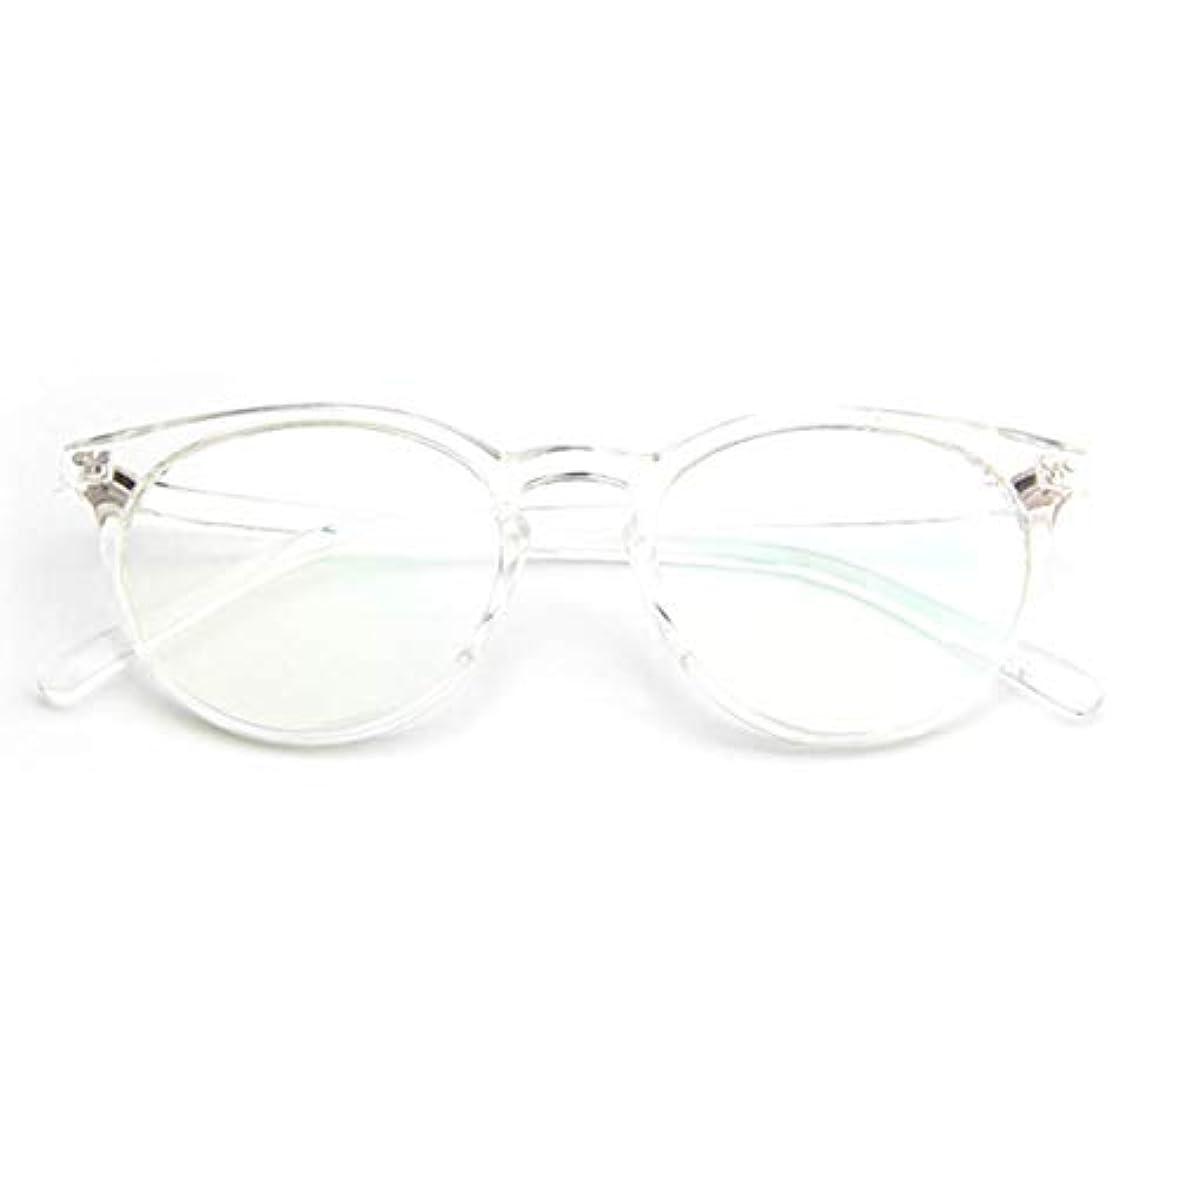 乱気流ほこり石油小さな新鮮な米ネイルフレームレンズレトロ古風な円形フレームファッションフレーム男性用近視眼鏡女性-透明な白